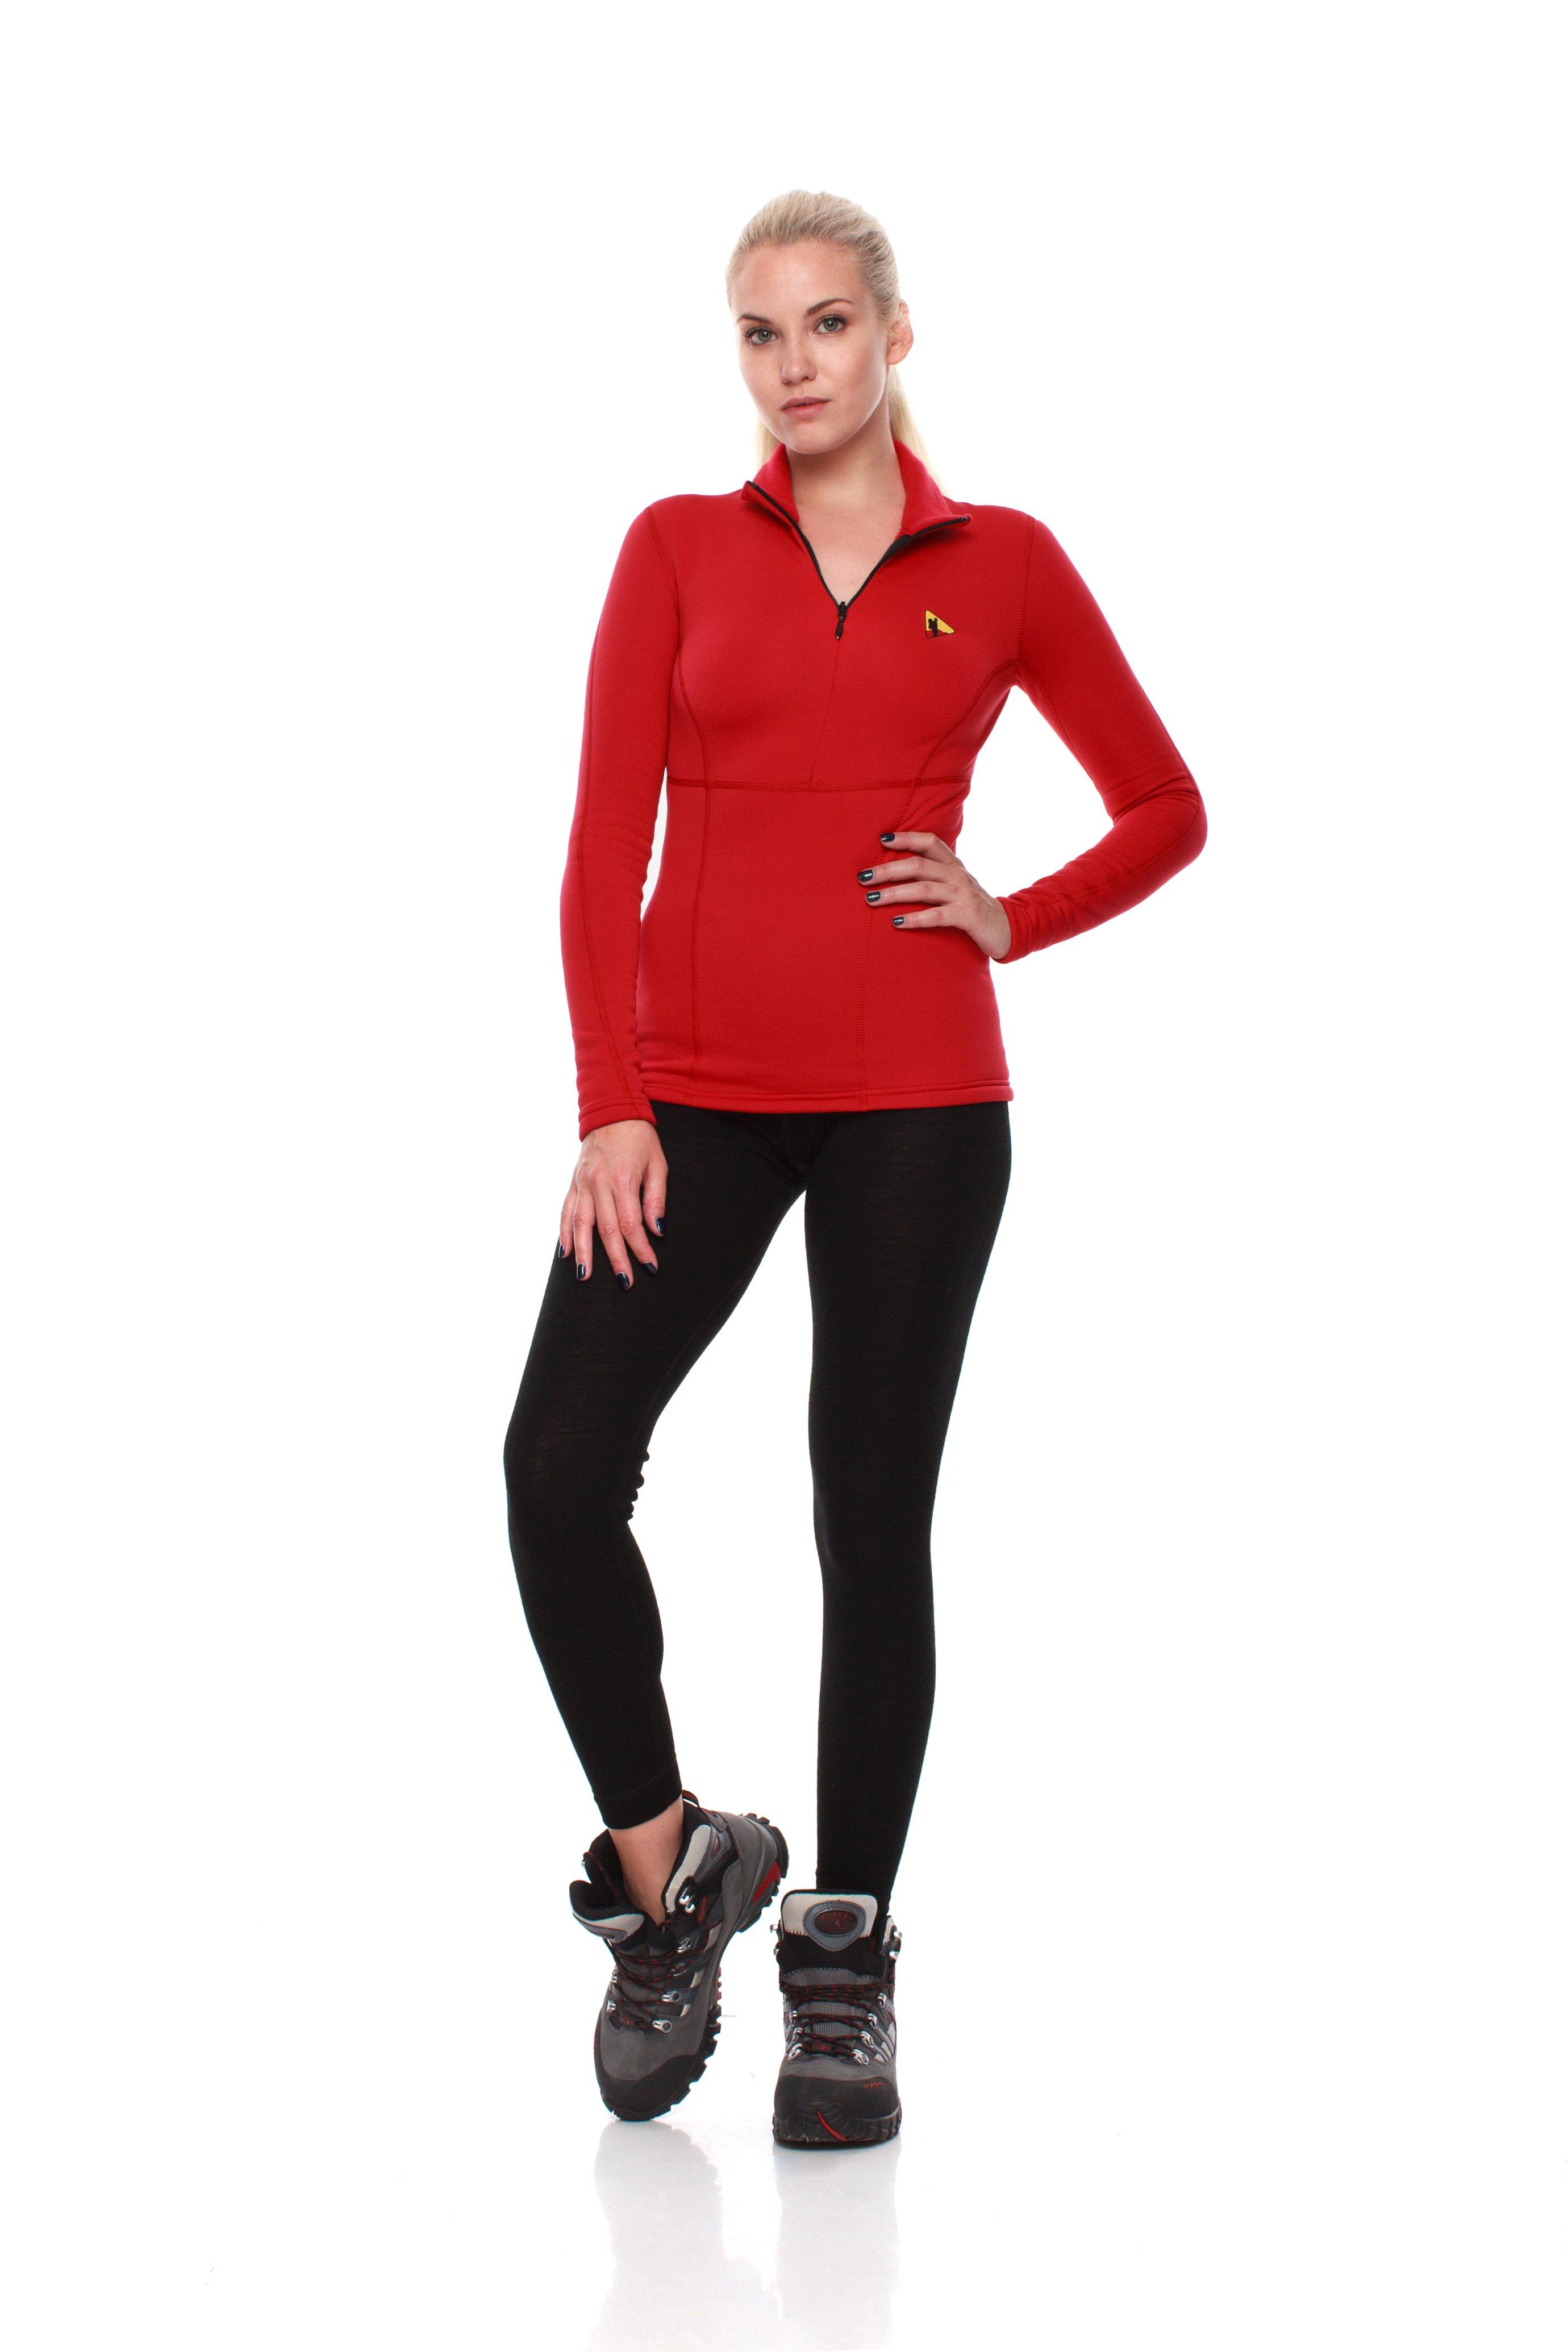 Куртка BASK T-SKIN LADY JACKET V2 3603aЖенская куртка с короткой молнией из ткани Polartec® Power Stretch® Pro.<br><br>Вес изделия: 247<br>Воротник: Да<br>Материал: Polartec® Power Stretch® Pro<br>Молнии: Да<br>Плотность ткани: 241<br>Пол: Жен.<br>Тип шва: плоский<br>Функциональная задняя молния: Нет<br>Размер INT: XL<br>Цвет: СЕРЫЙ